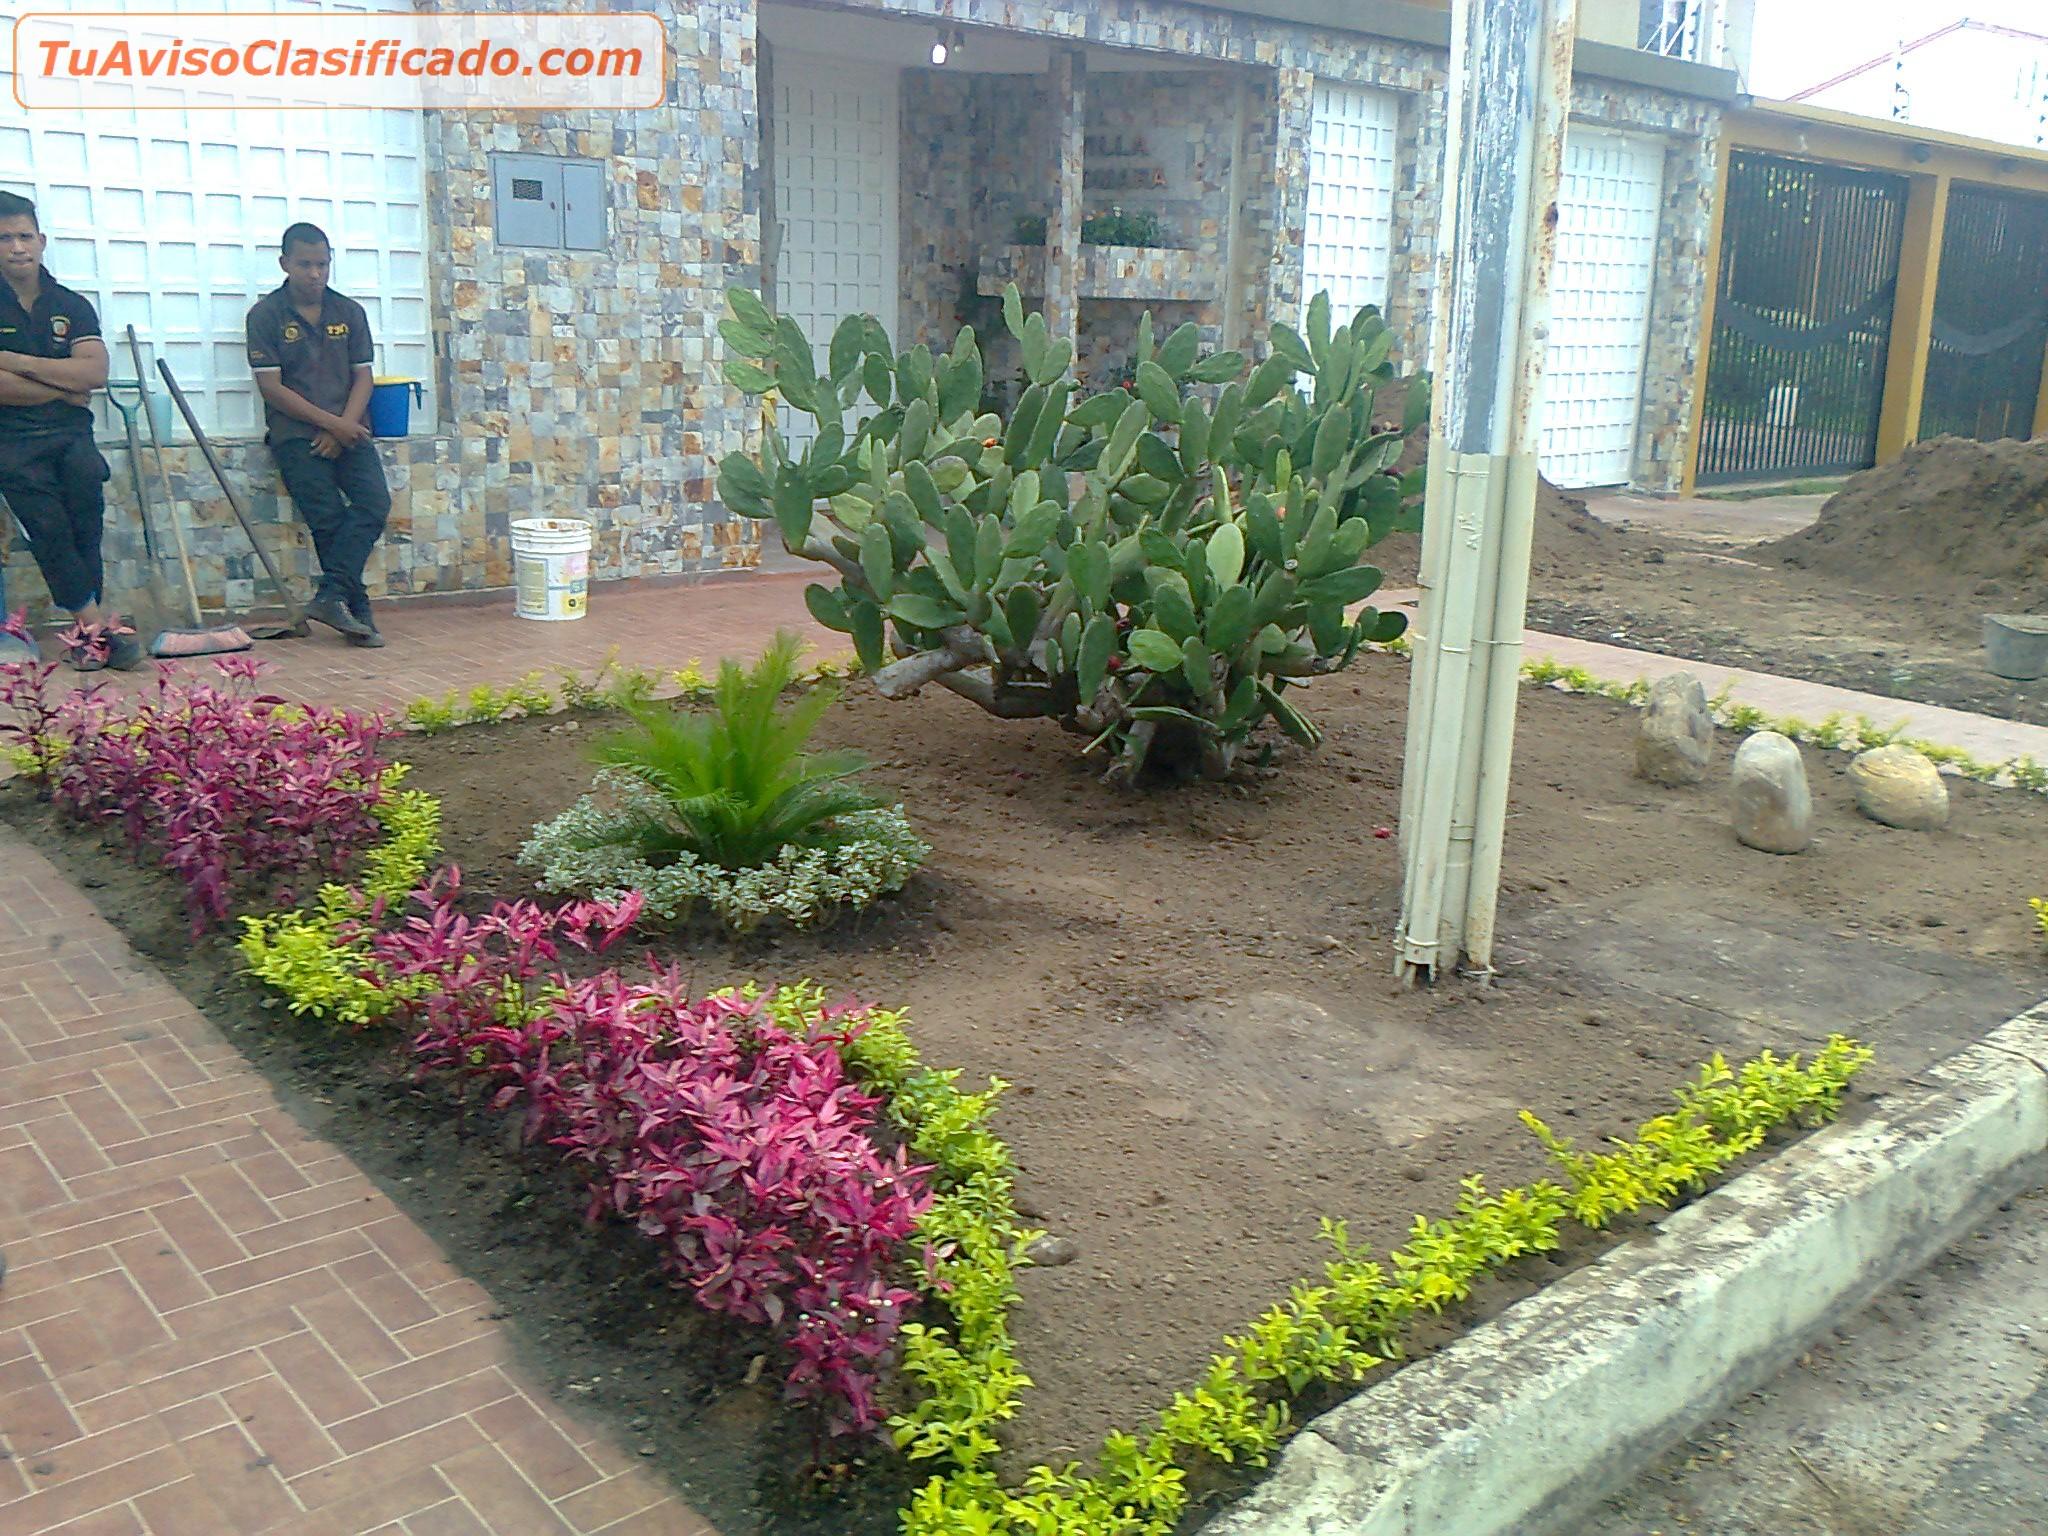 Jard n y viveros en for Viveros y jardines